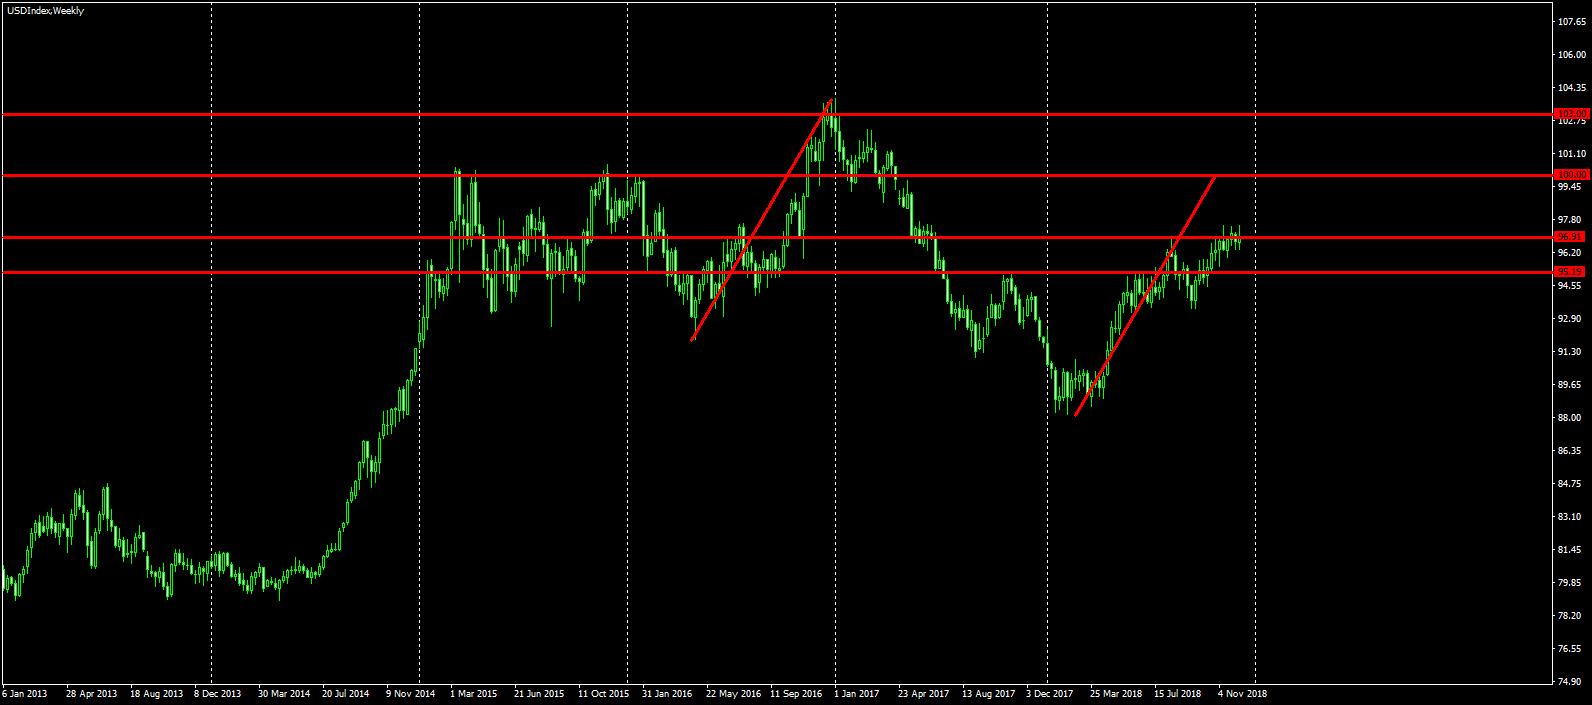 Weekly USD